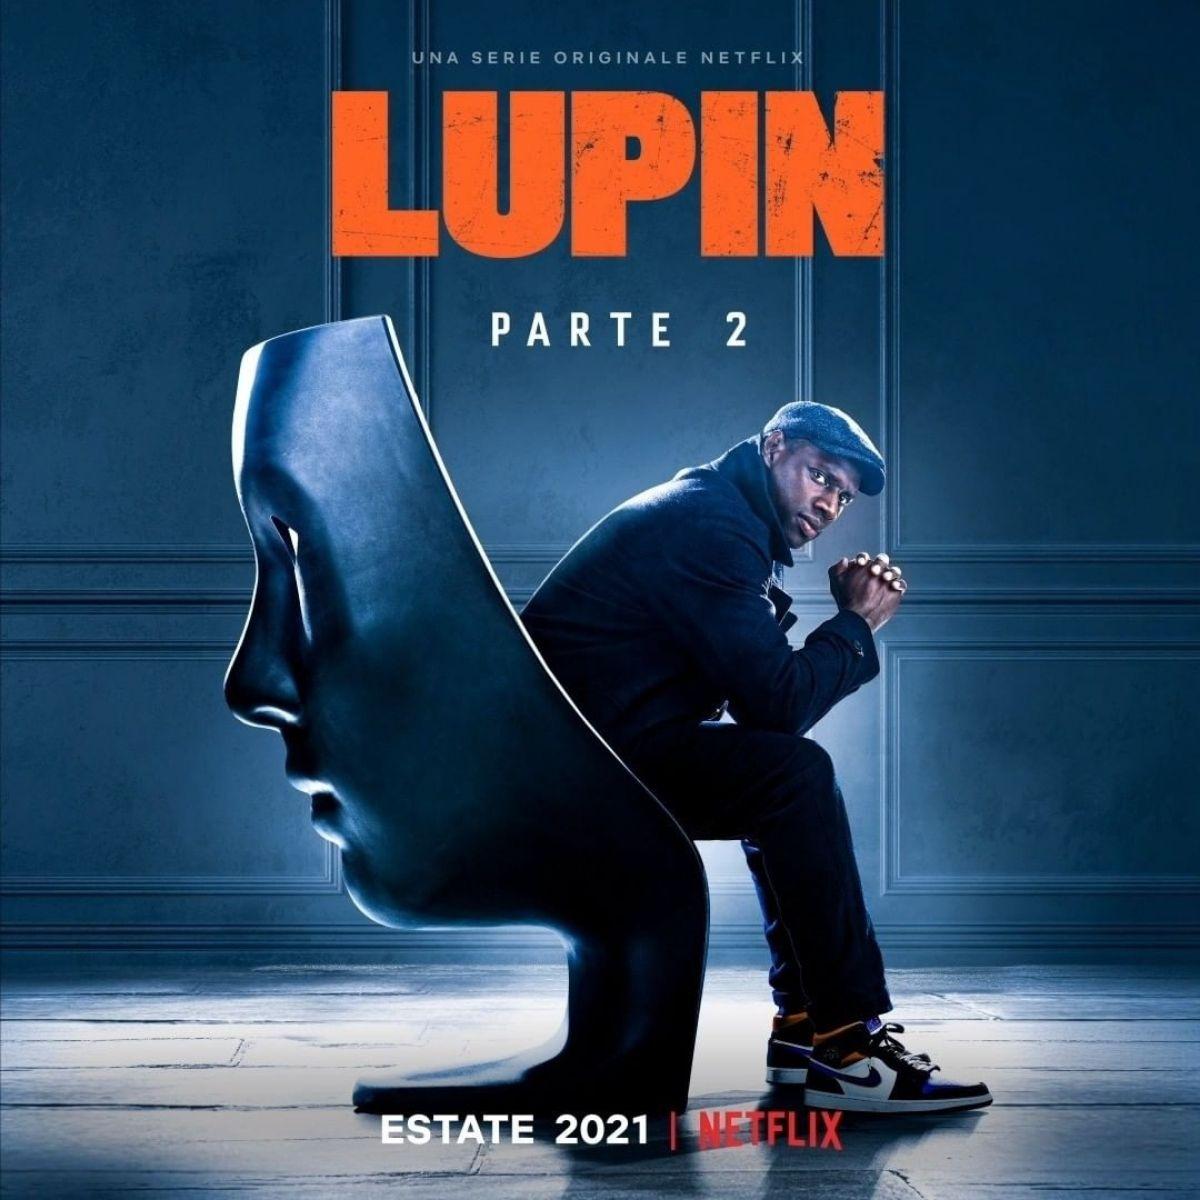 Il poster della seconda parte di Lupin. Credits: Netflix.